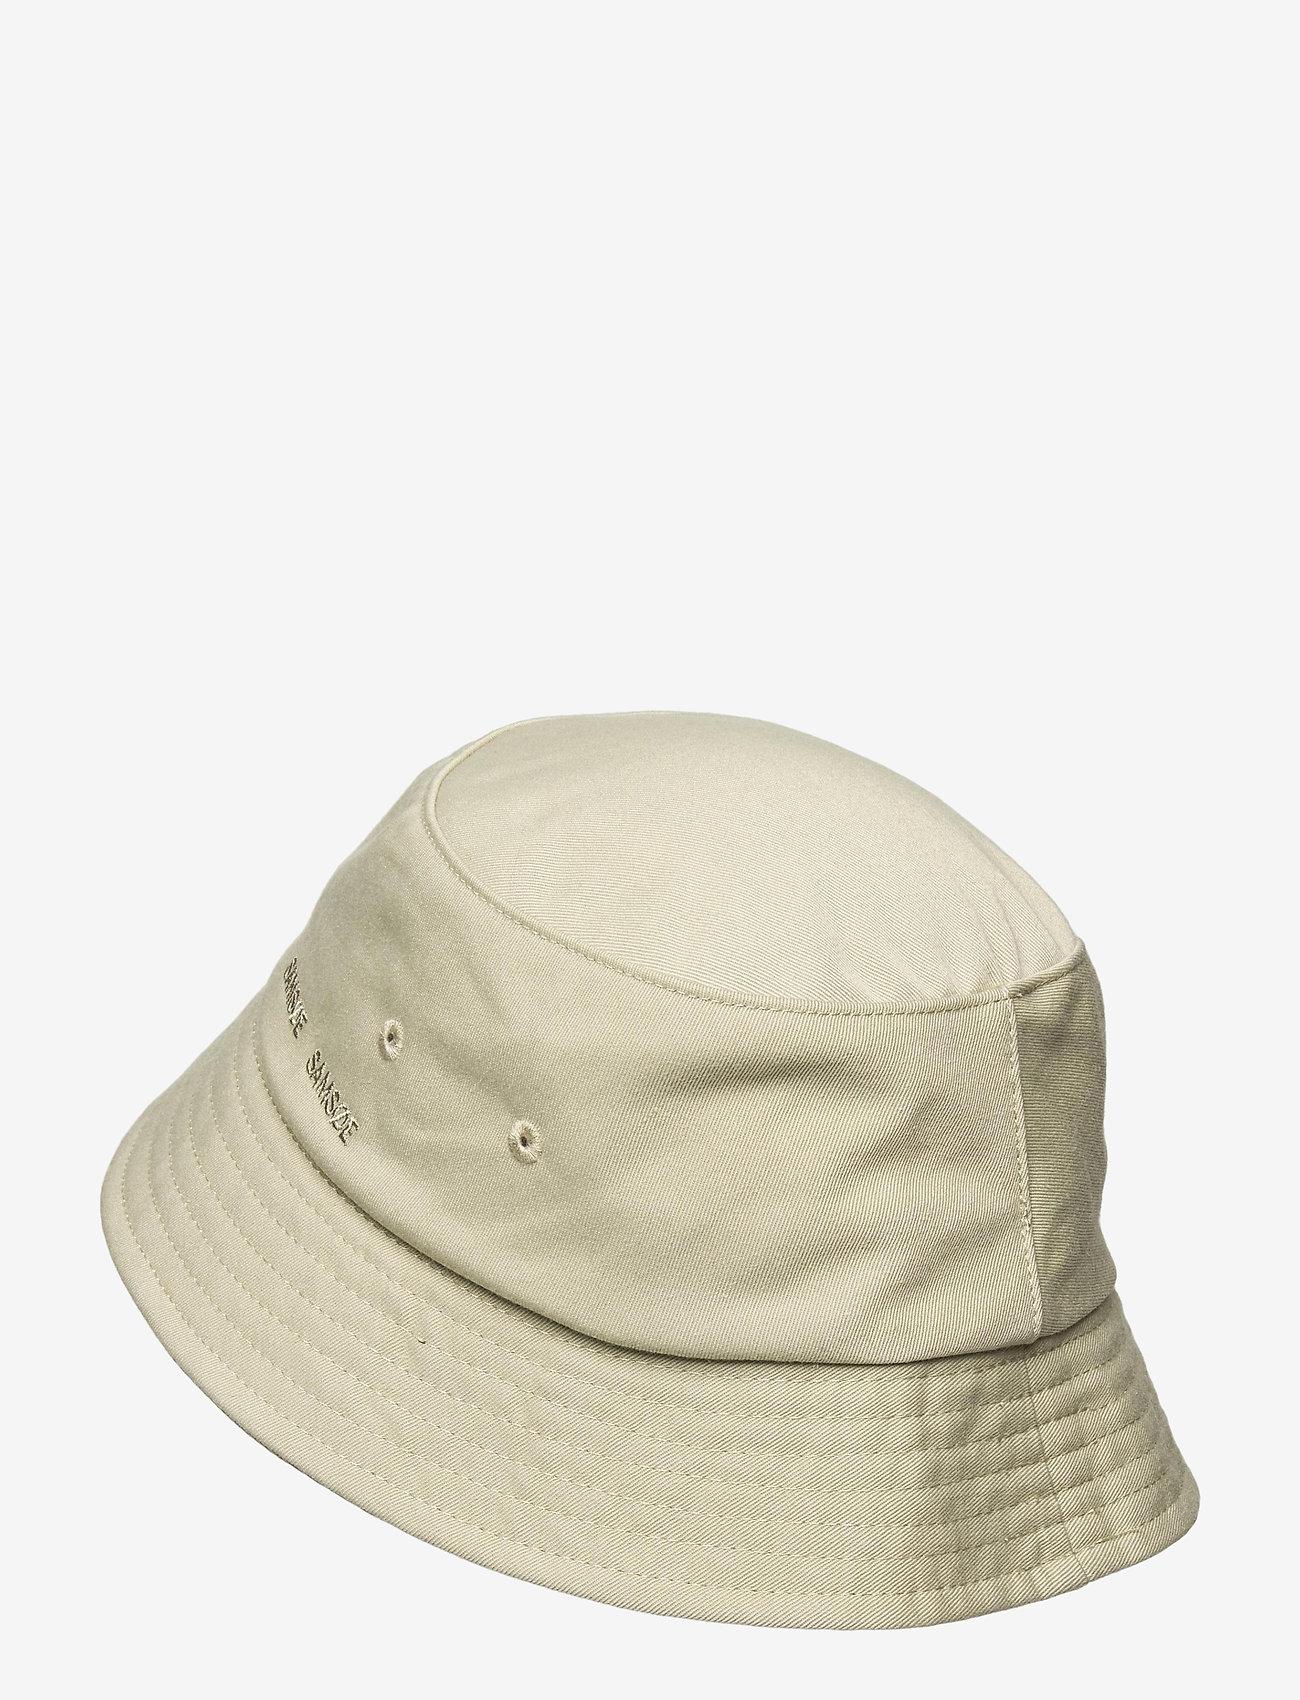 Samsøe Samsøe - Anton bucket hat 14061 - bonnets & casquettes - seagrass - 1